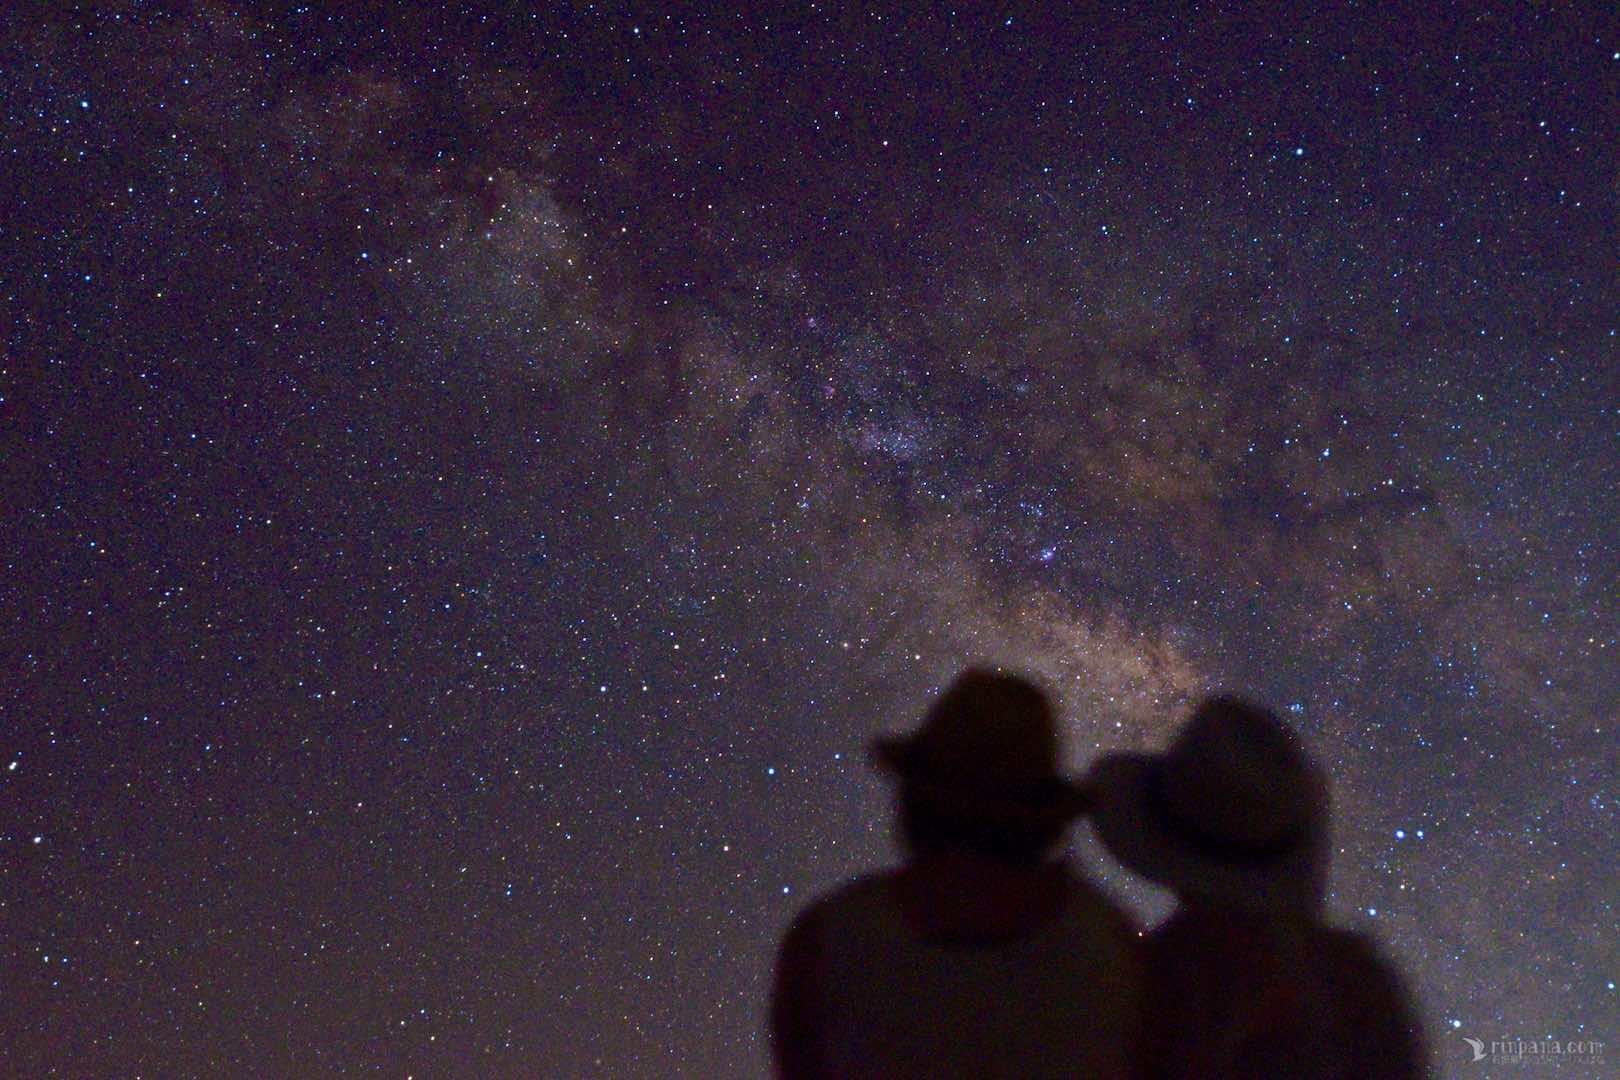 りんぱなが開催する星空ツアーの写真